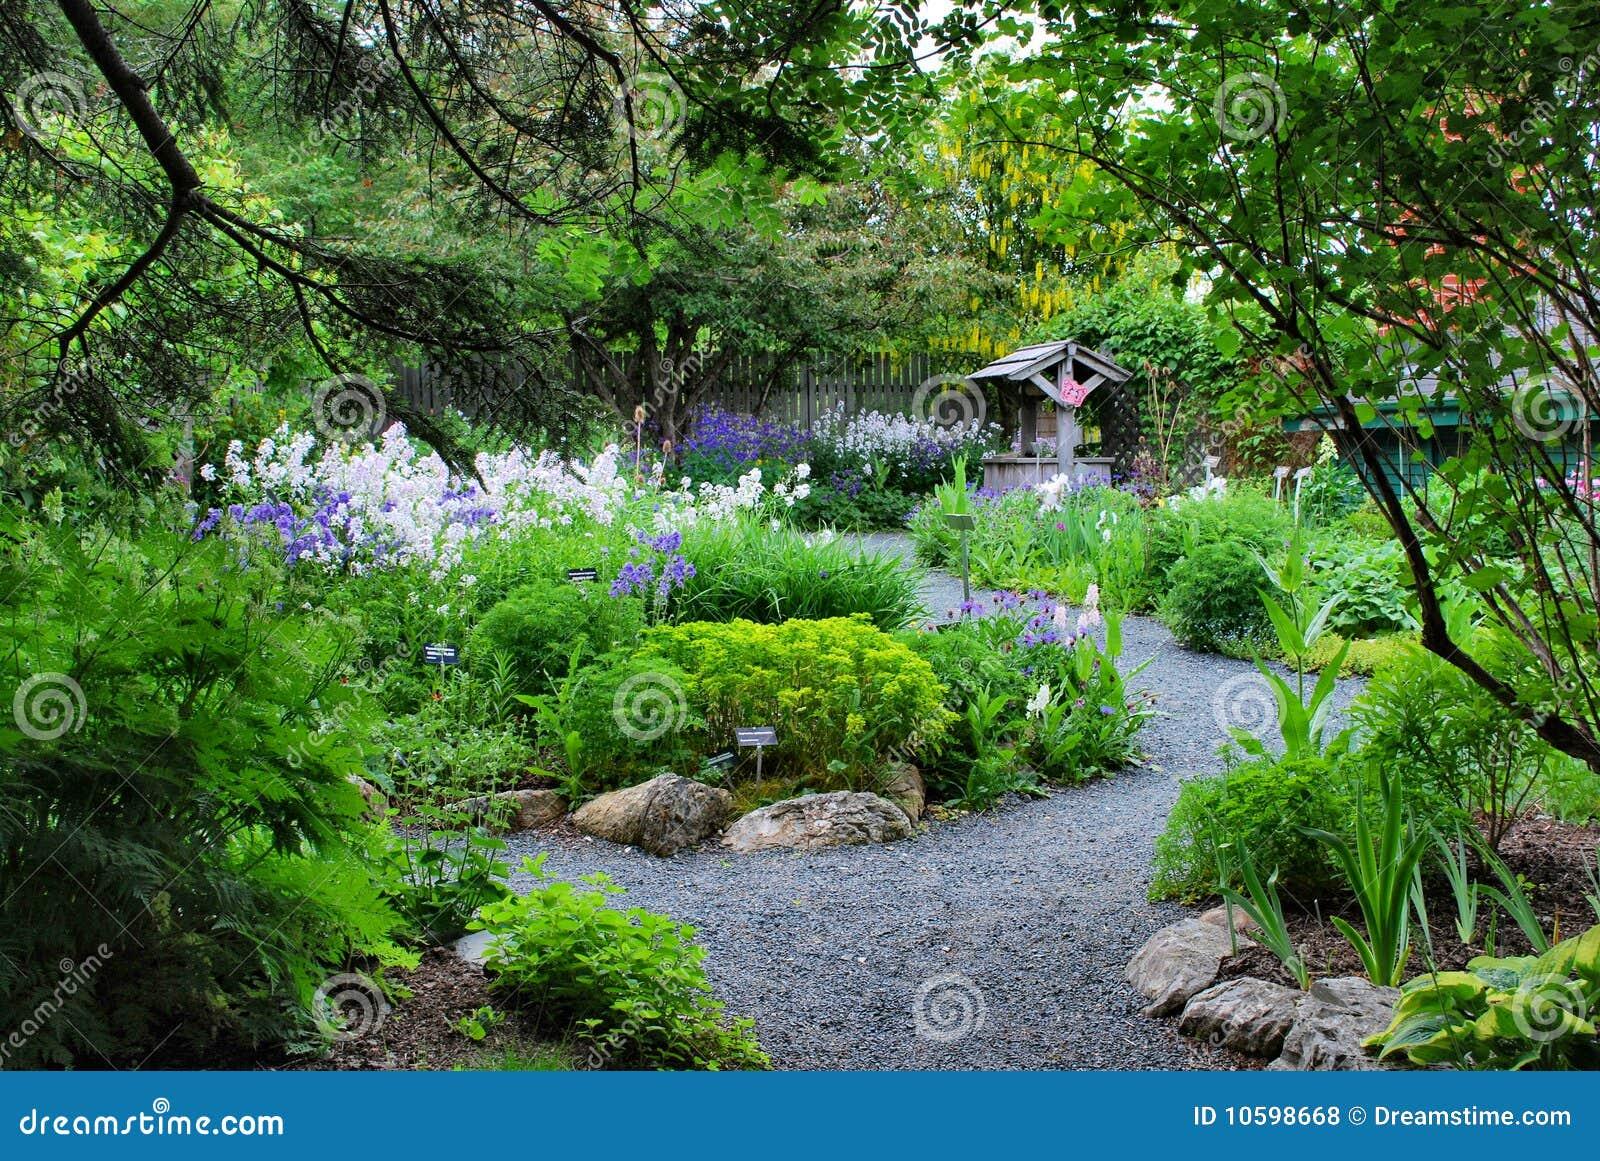 Tuin van eden royalty vrije stock foto 39 s afbeelding 10598668 - Outs zwembad in de tuin ...